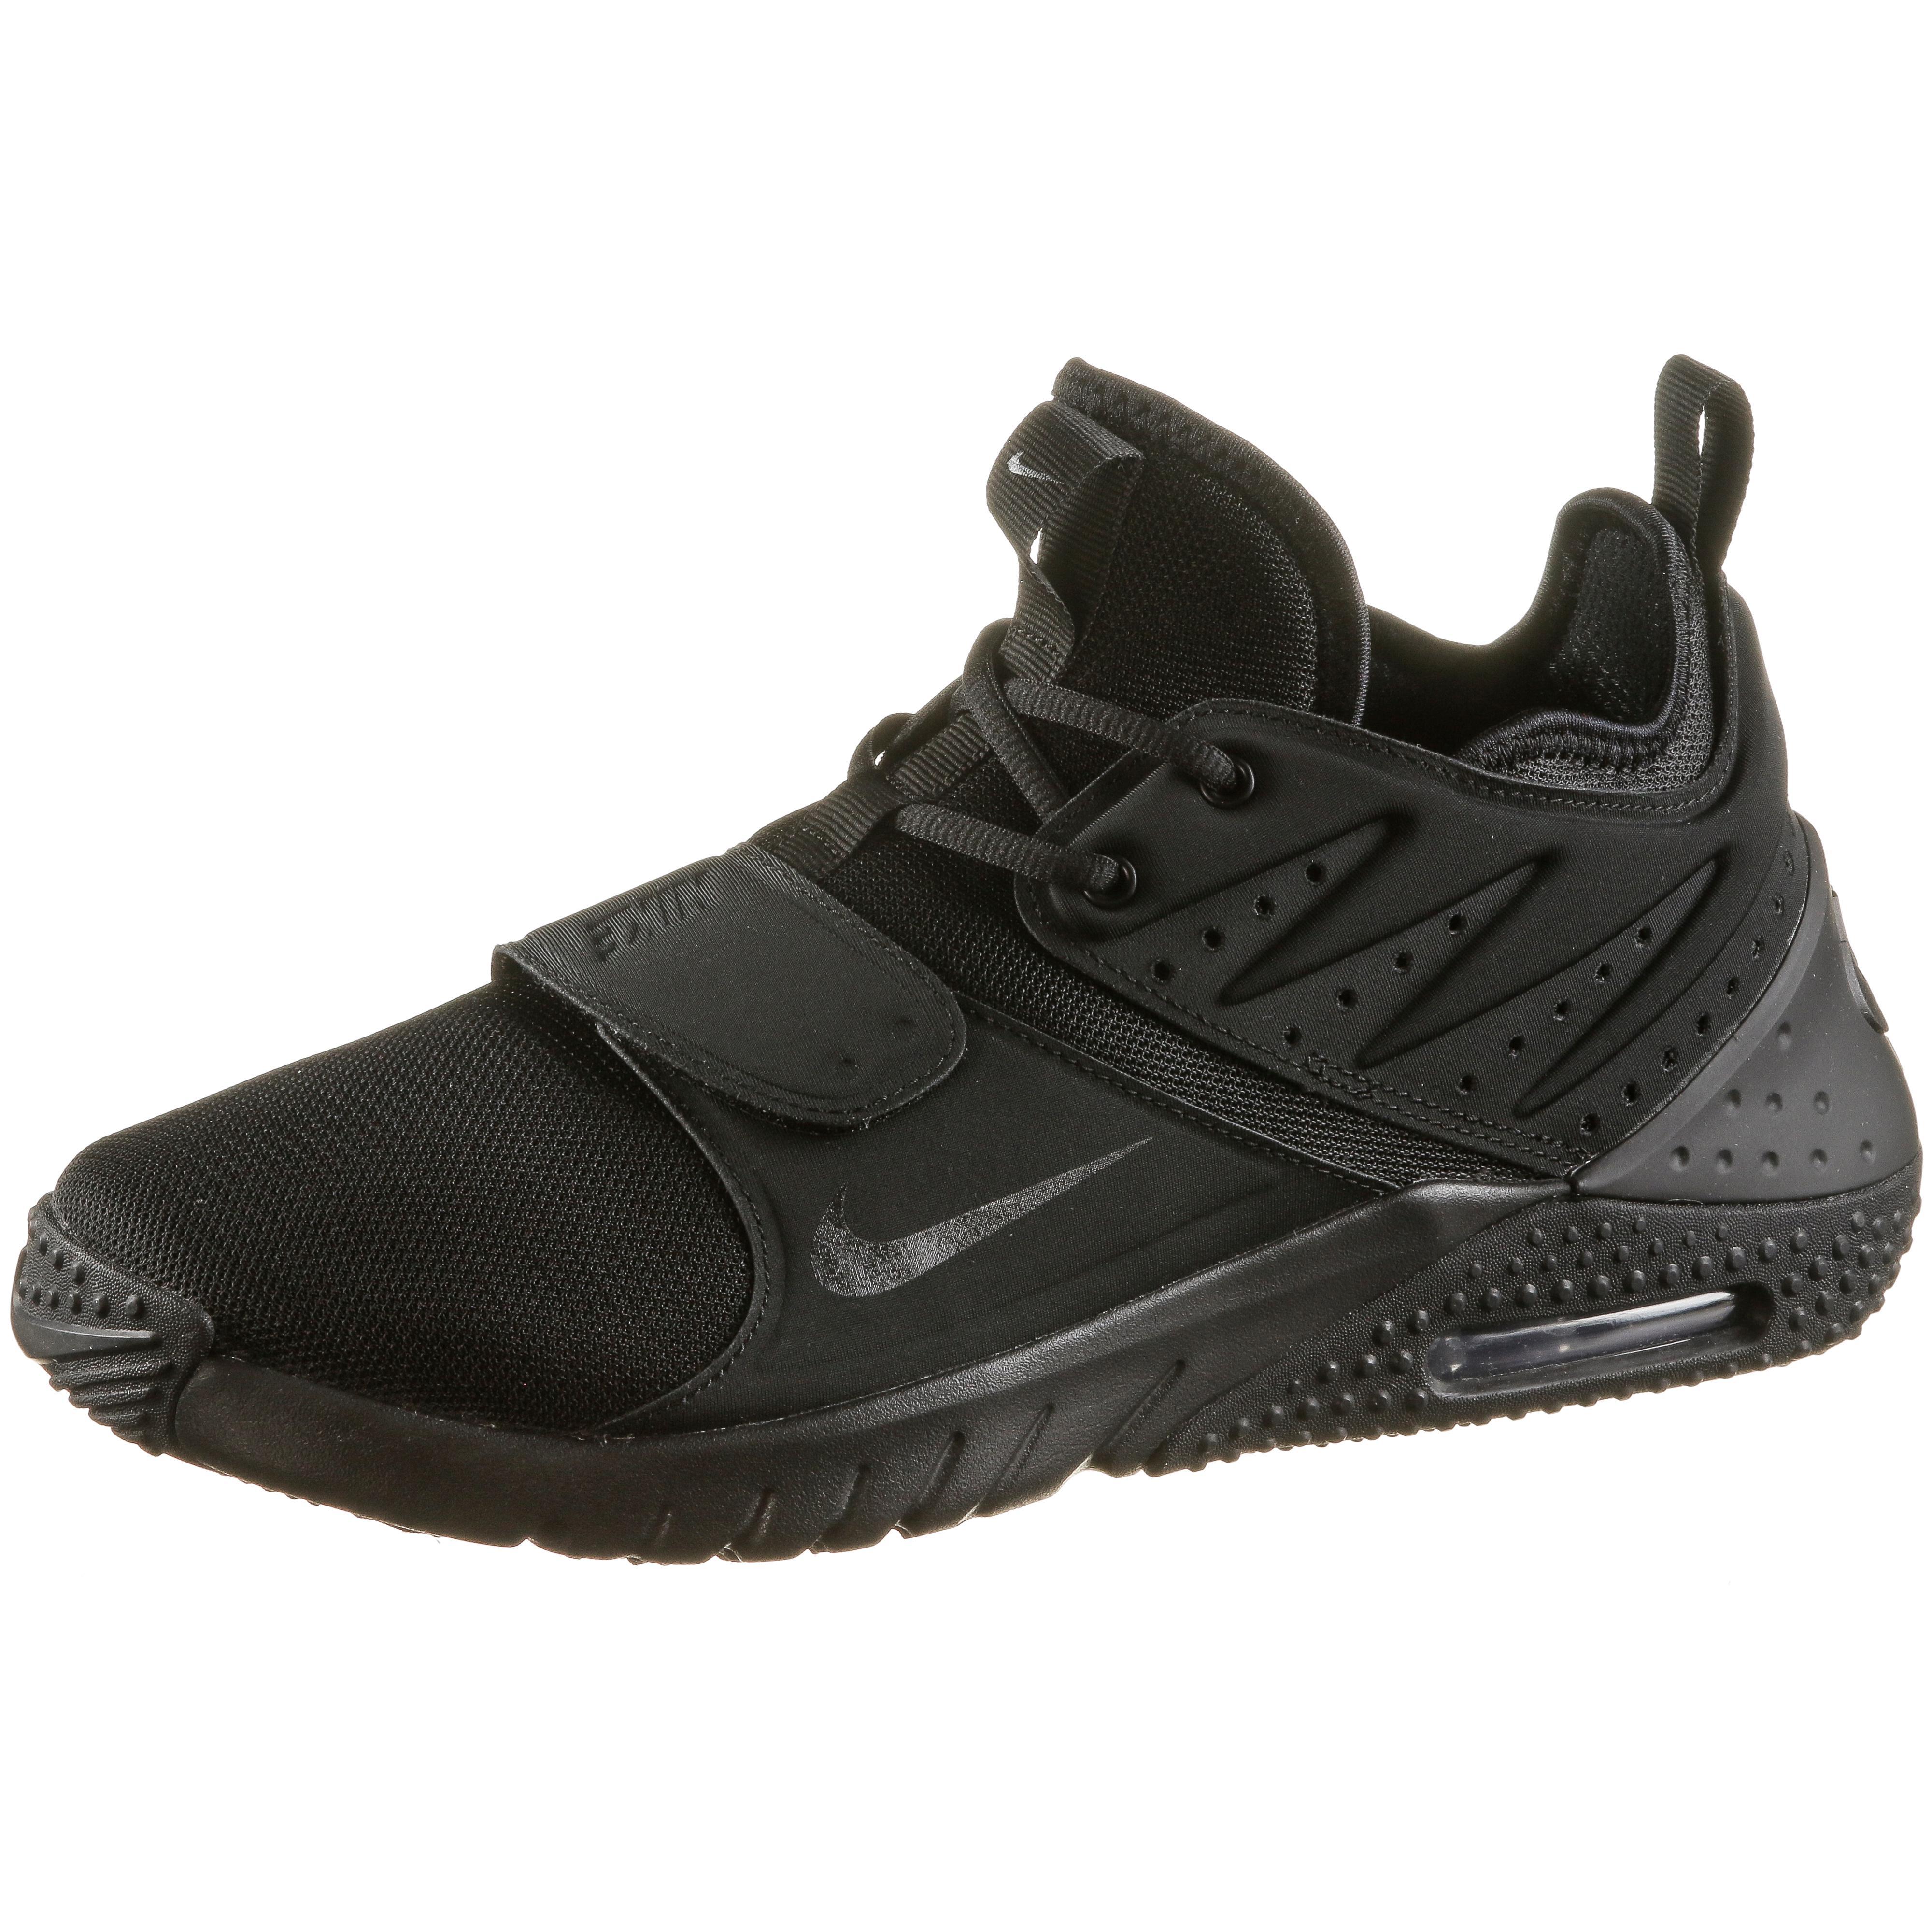 Nike Air Max Trainer 1 Fitnessschuhe Herren schwarz-schwarz im im im Online Shop von SportScheck kaufen Gute Qualität beliebte Schuhe 368c6d